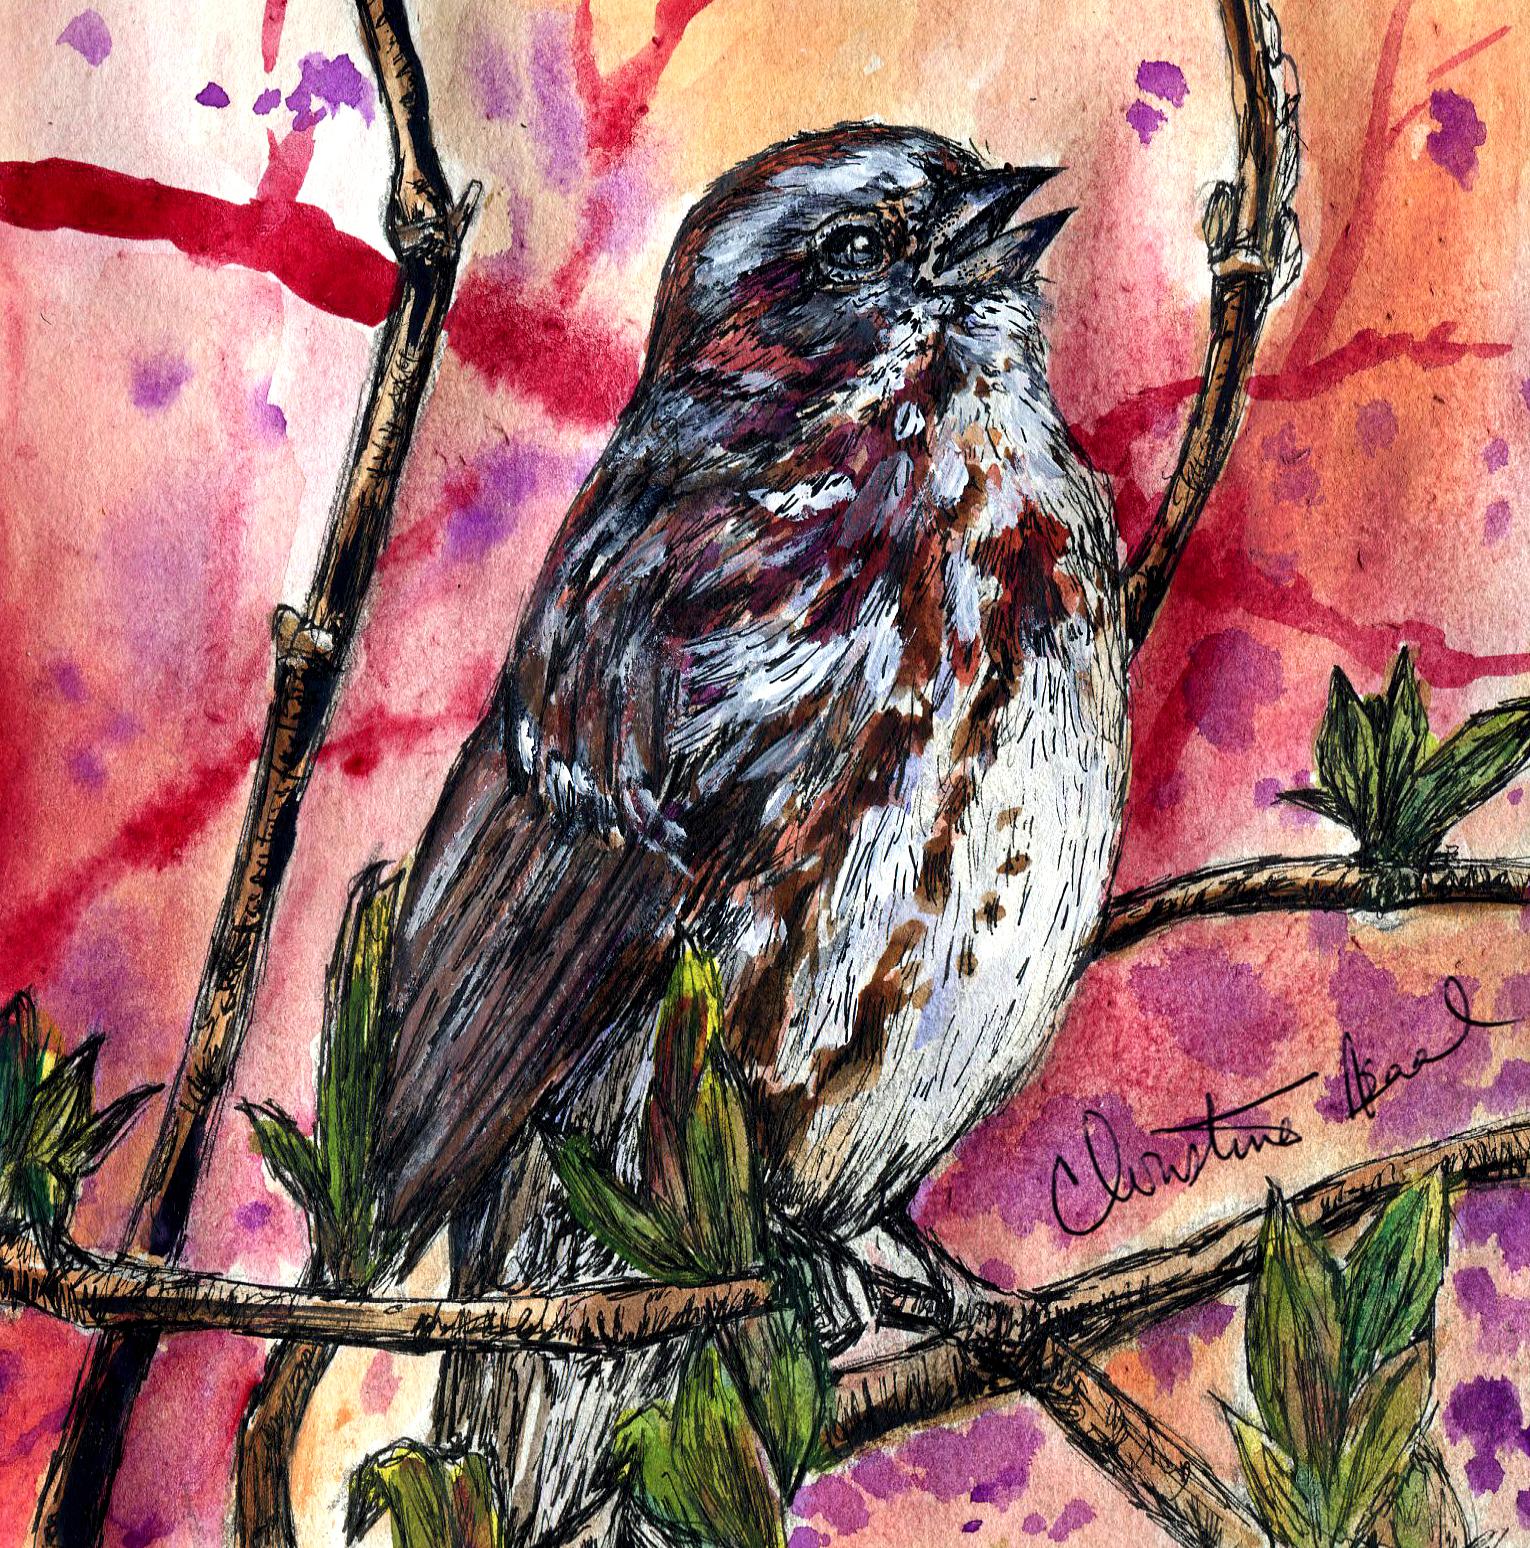 5. Fox Sparrow